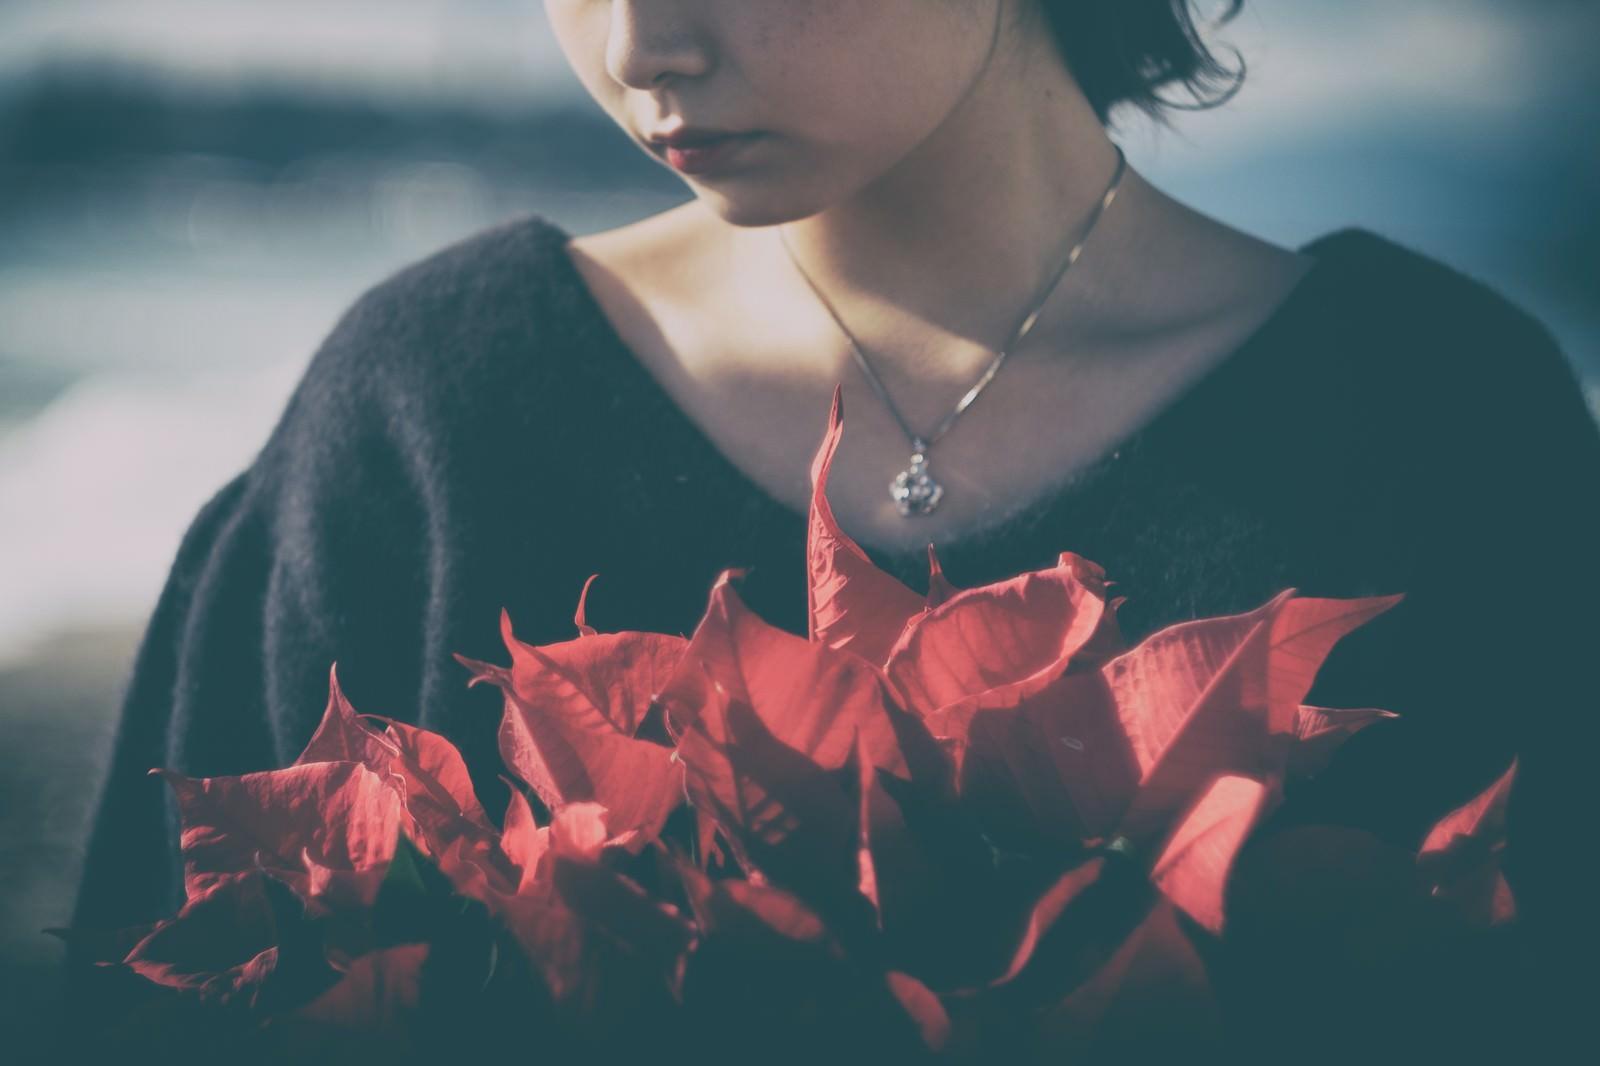 「赤いポインセチアと虚ろな女性赤いポインセチアと虚ろな女性」のフリー写真素材を拡大